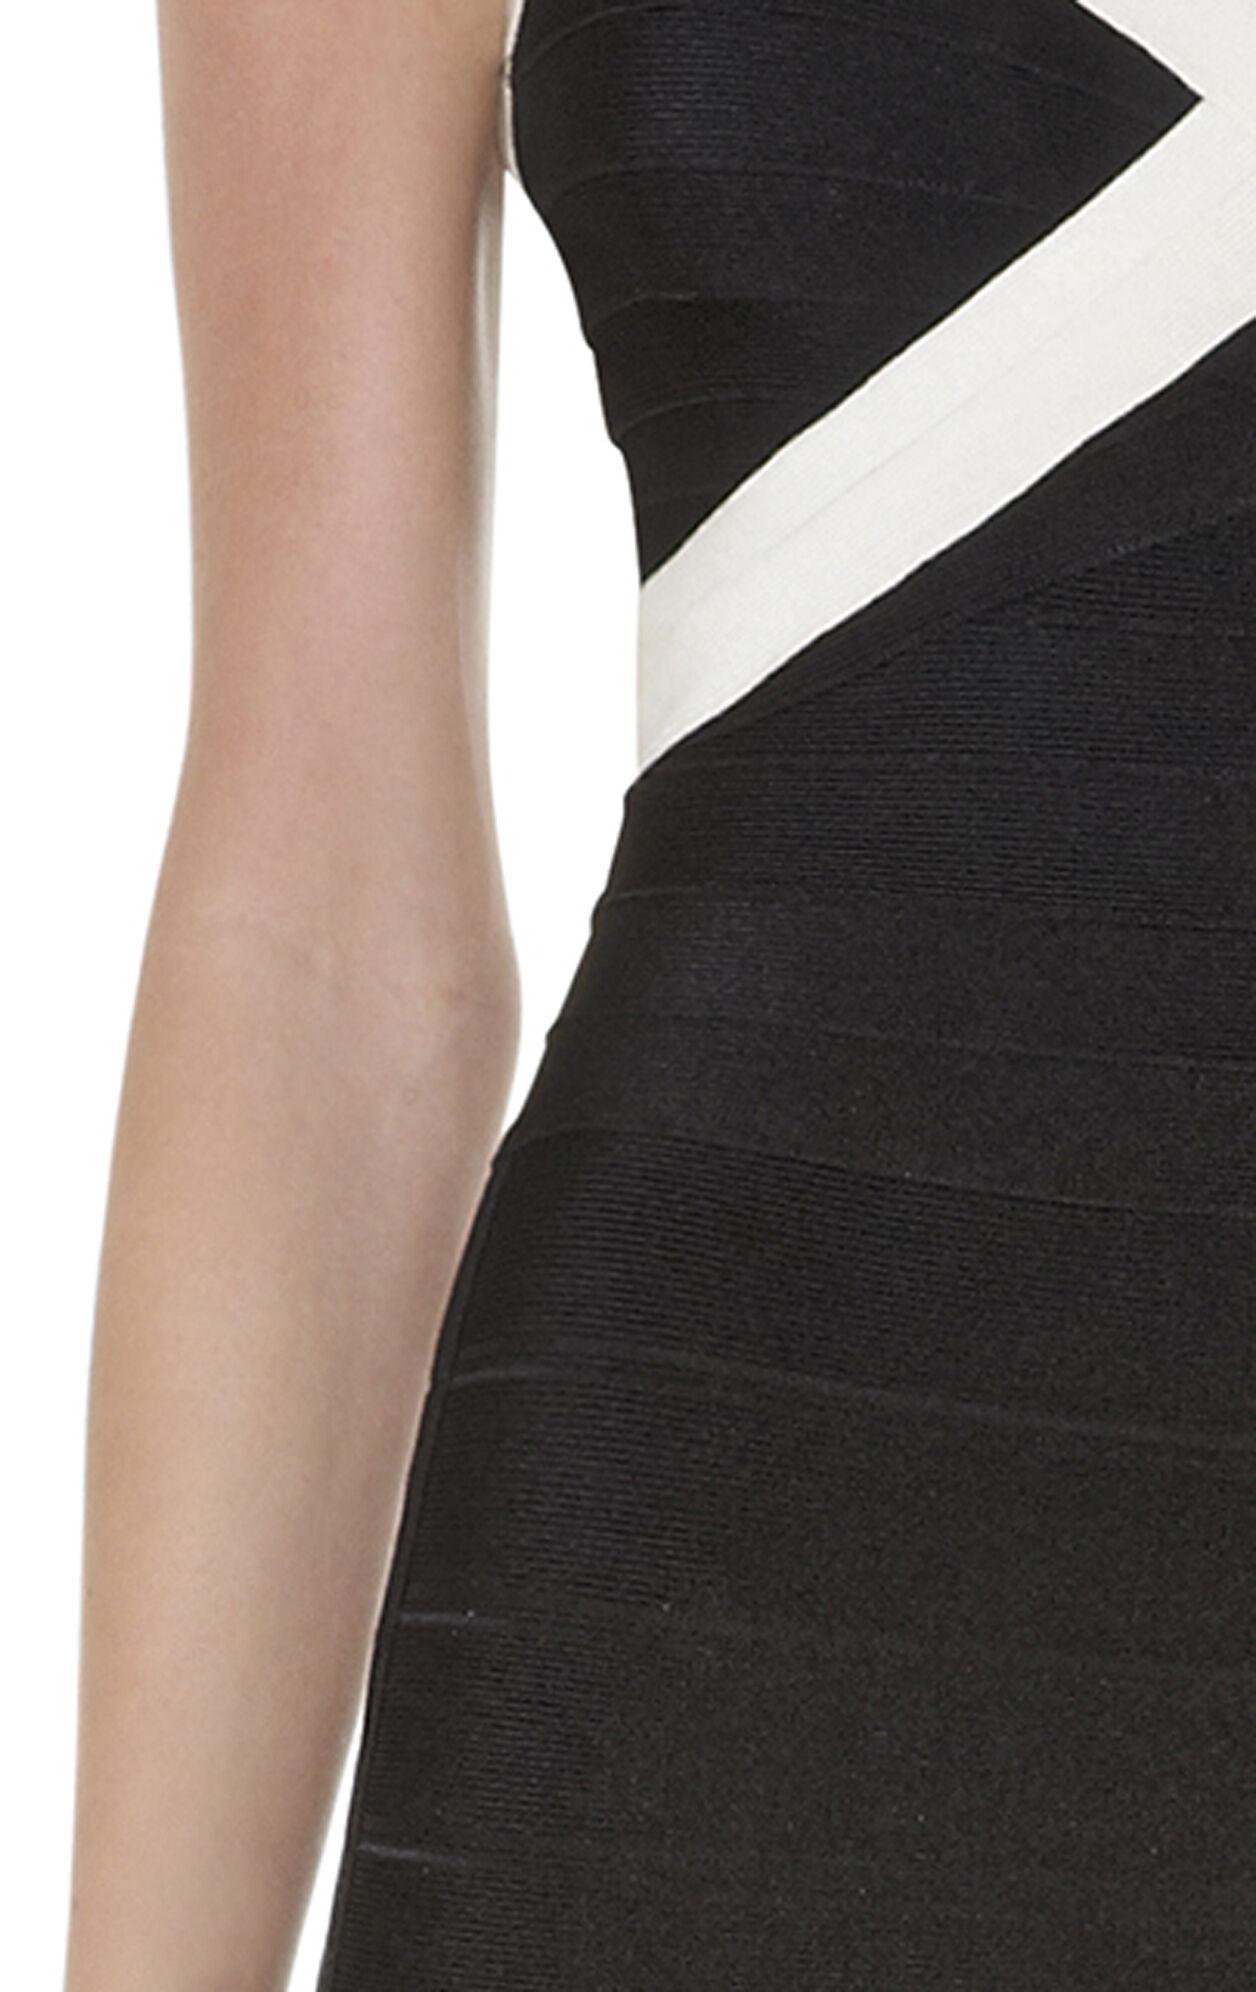 Umeki Colorblocked Bandage Dress